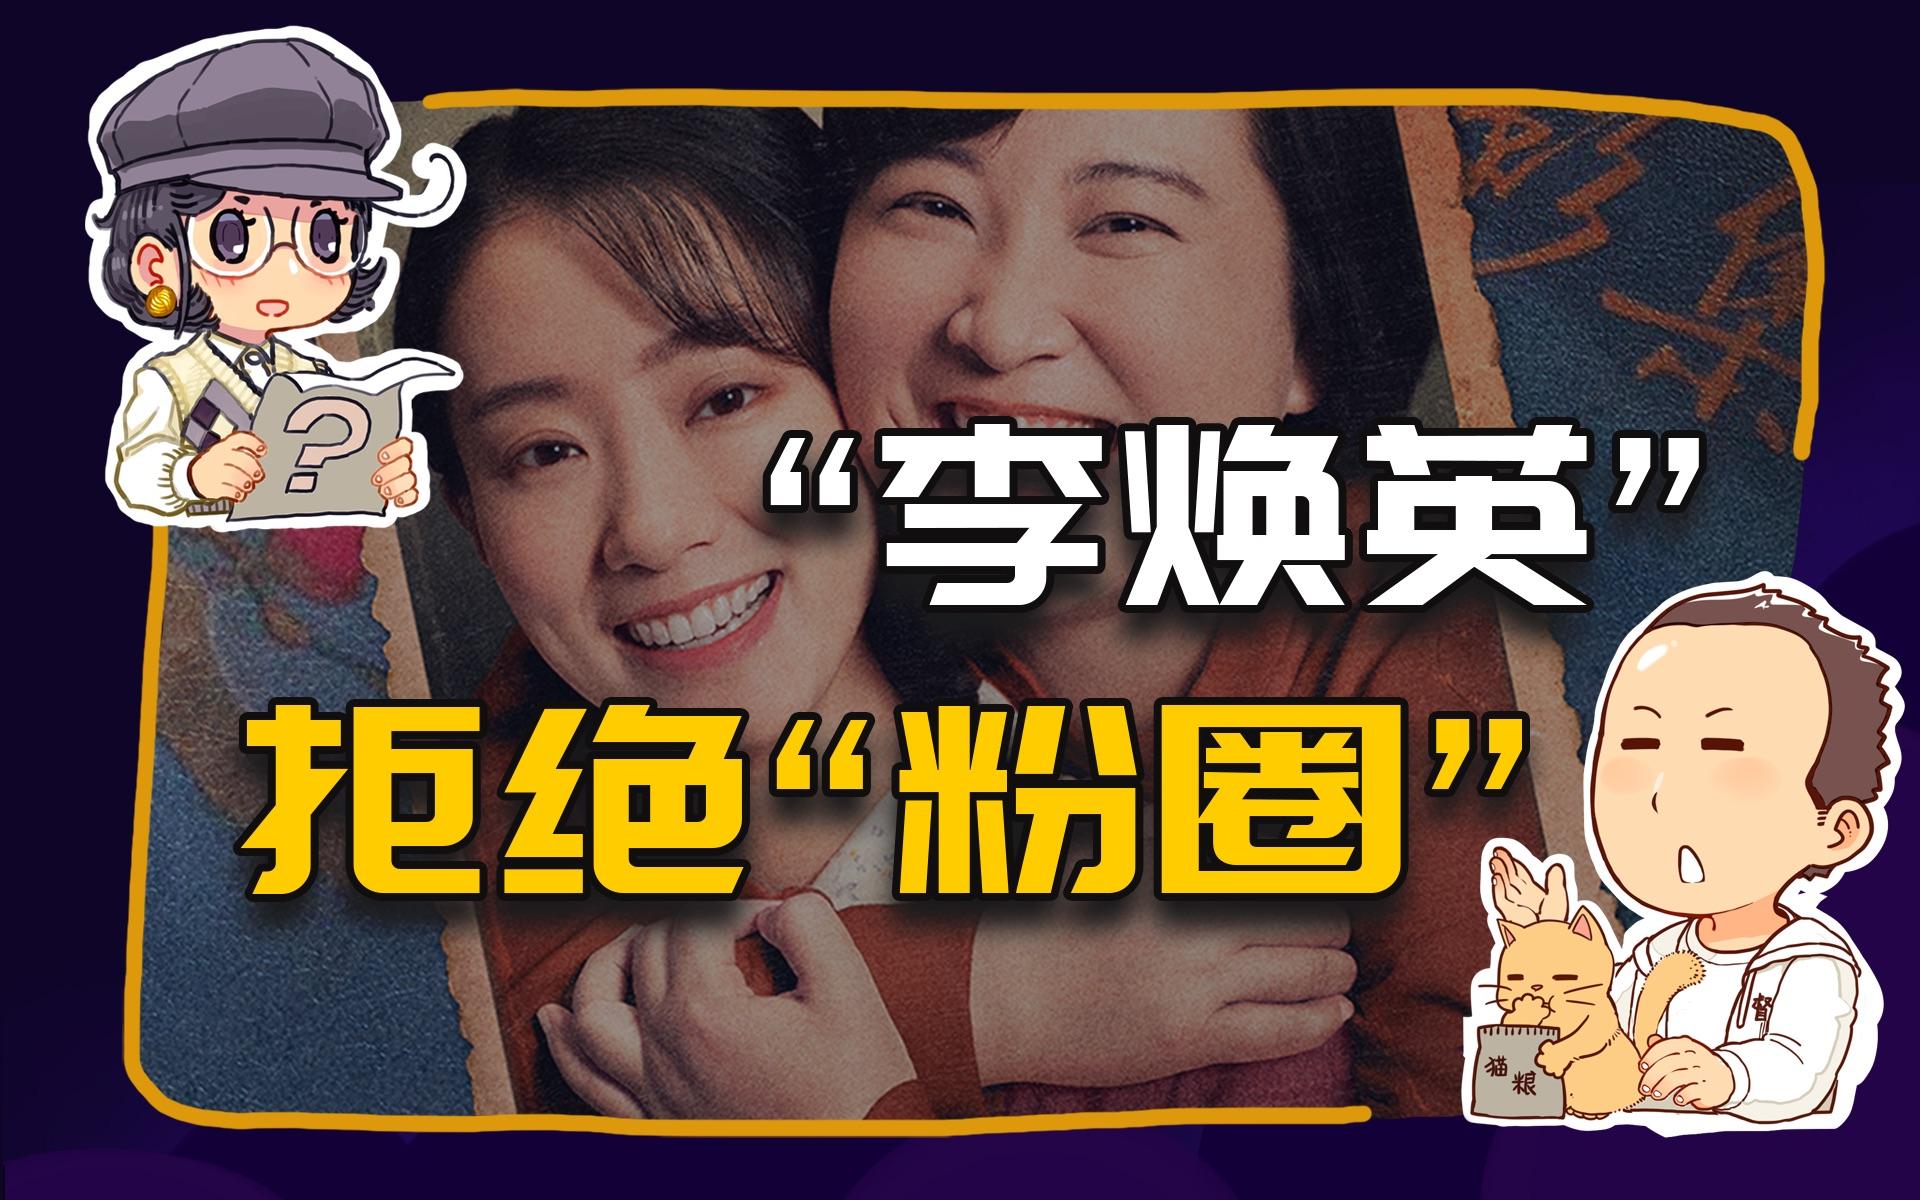 """【睡前消息245】""""李焕英""""解散后援会, 拒绝粉圈更轻松"""